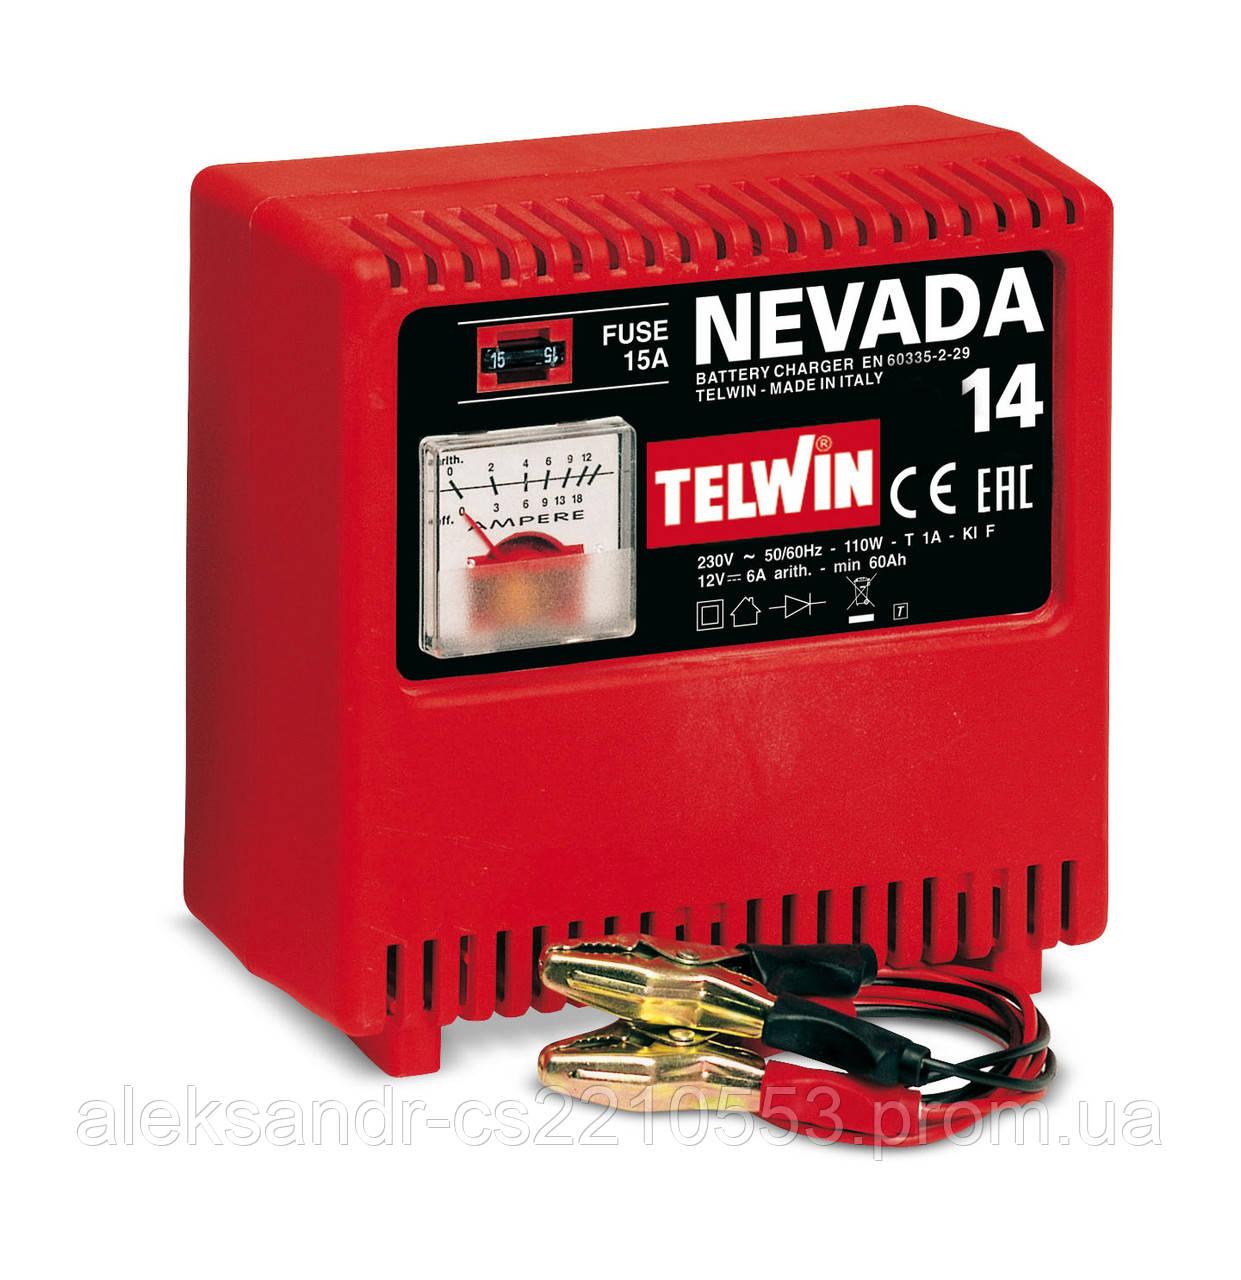 Telwin Nevada 14 - Зарядное устройство